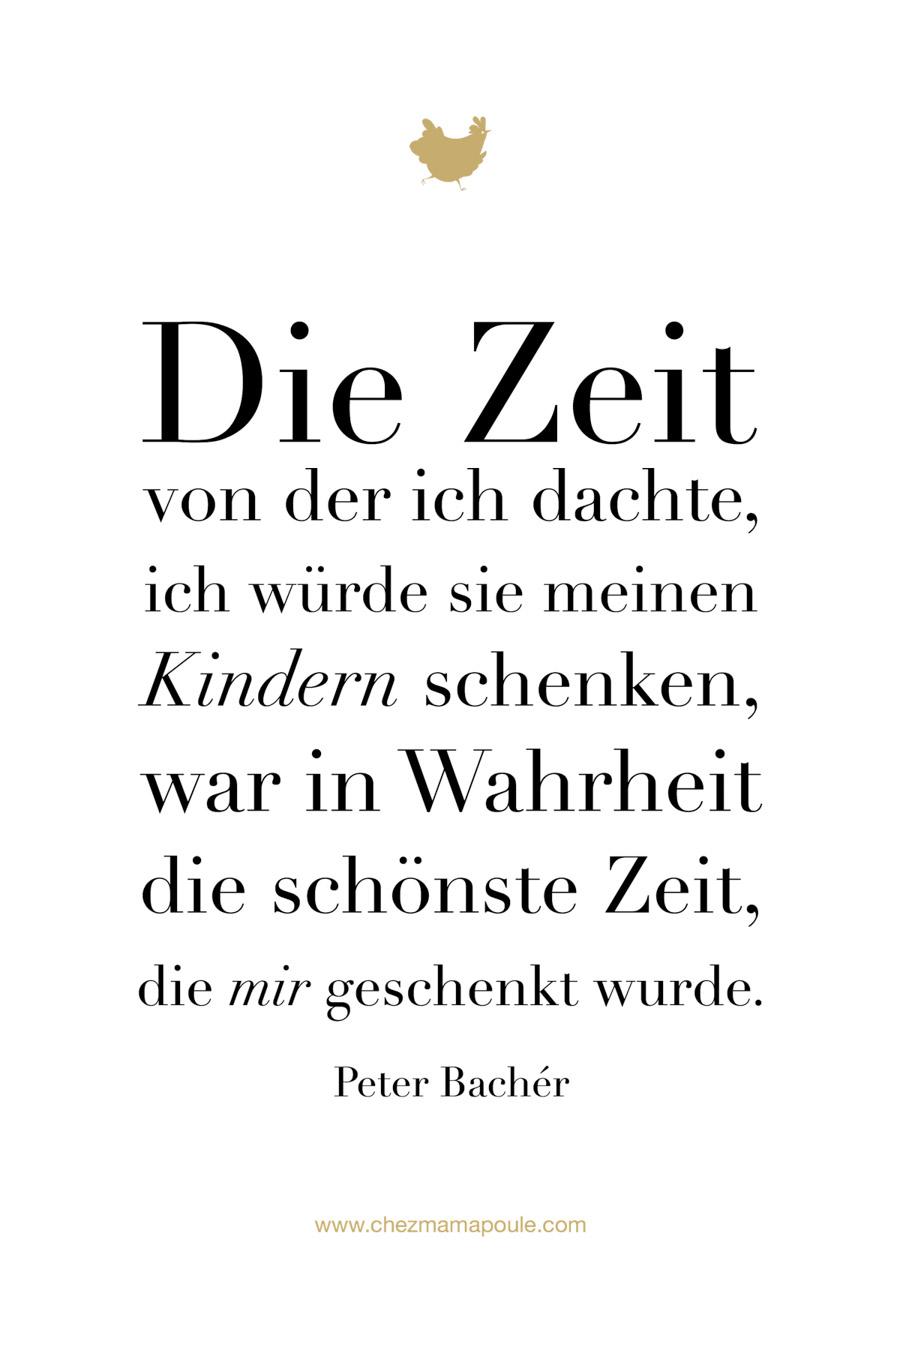 Wochenweisheit - Chez Mama Poule - Die Zeit mit unseren Kindern. Mehr auf dem Blog: www.chezmamapoule.com #liebe #elternsein #mamalltag #sprüche #sprüchefüreltern #mamasweisheiten #wochenweisheit #nachdenklich #zitate #lustig #liebe #inspiration #motivation #leben #robert #bacher